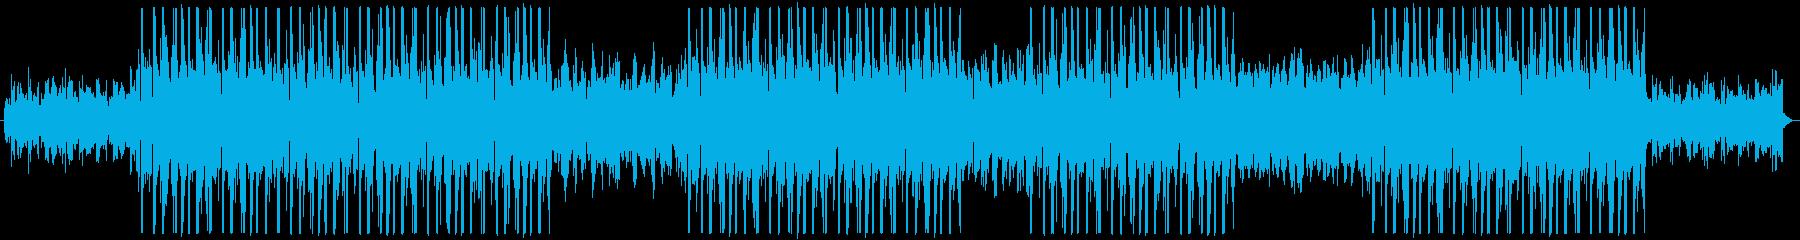 バウンシーなトラップソウル、チルアウト♪の再生済みの波形